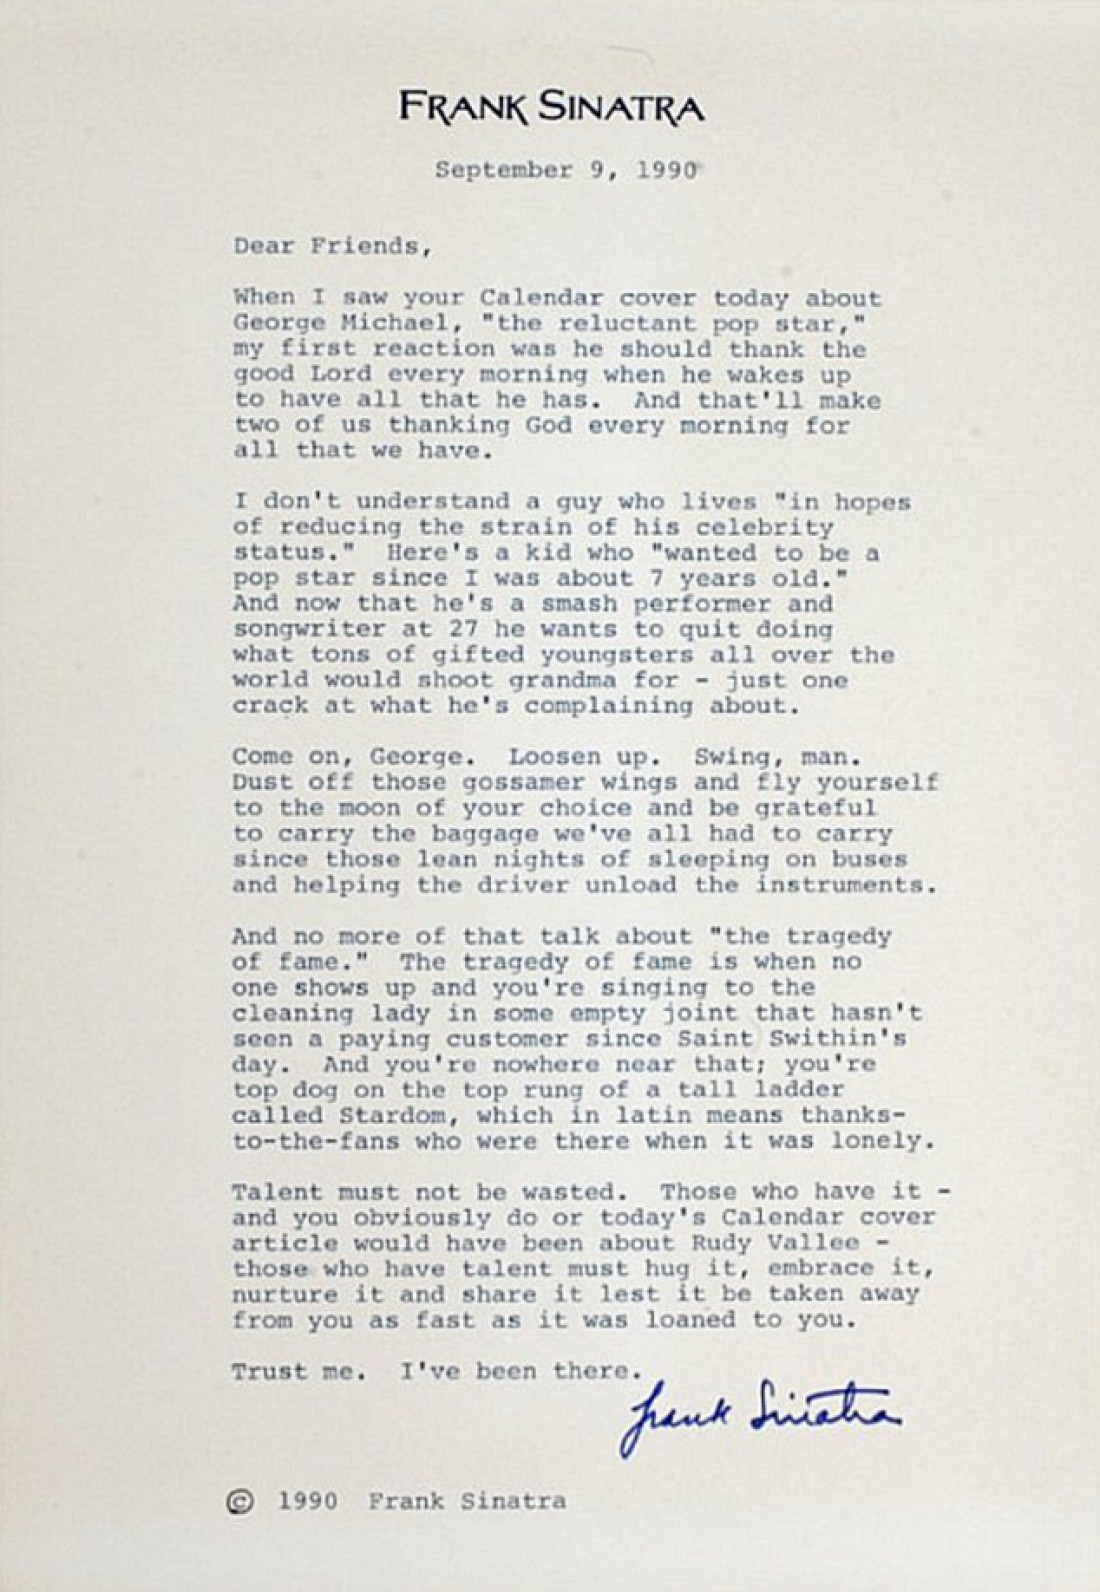 В Сети появилось письмо Фрэнка Синатры, написанное Джорджу Майклу